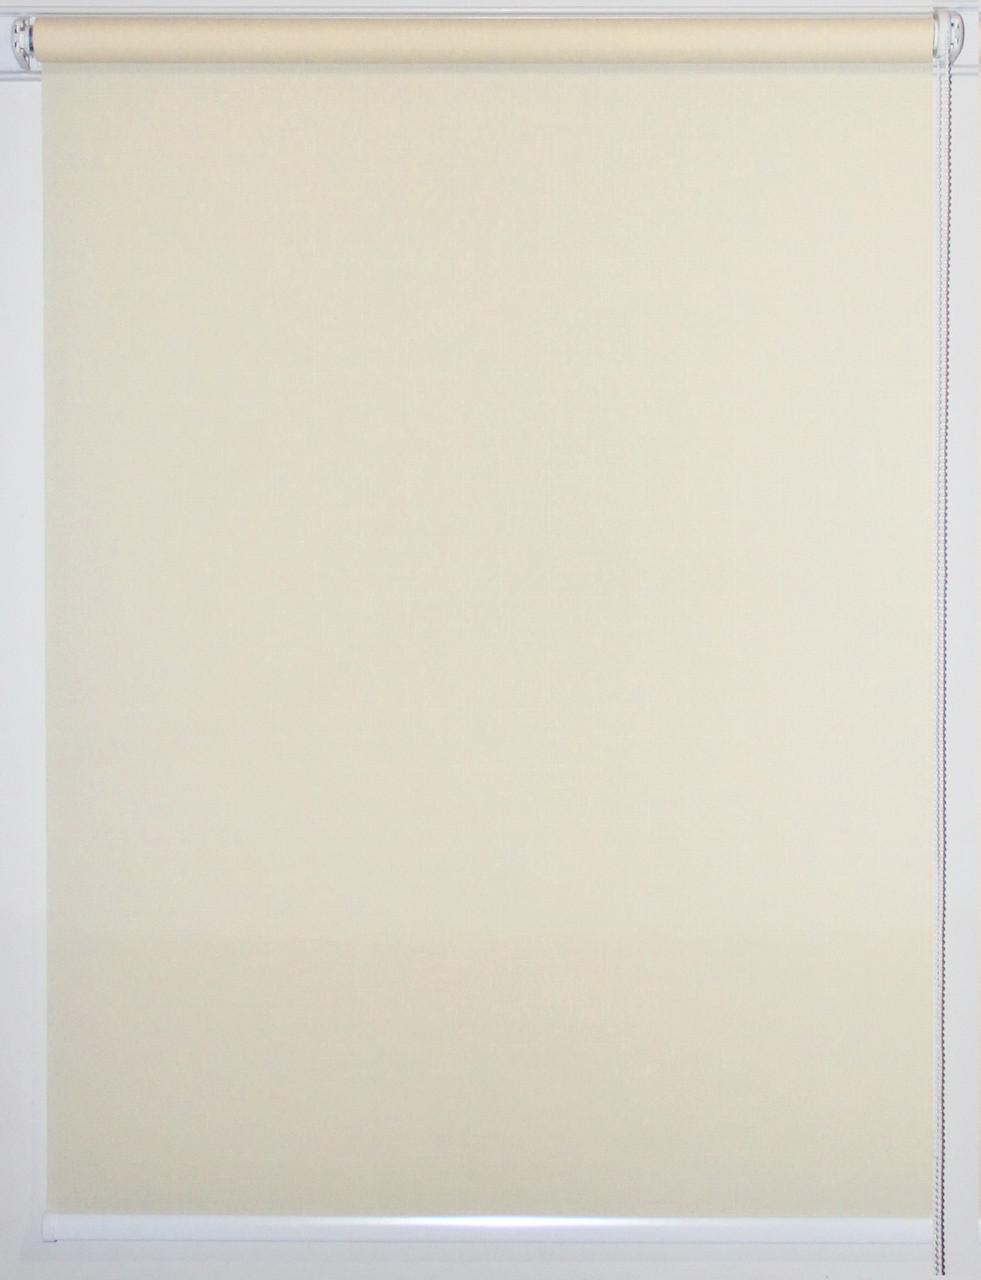 Готовые рулонные шторы 800*1500 Ткань Лён 875 Слоновая кость